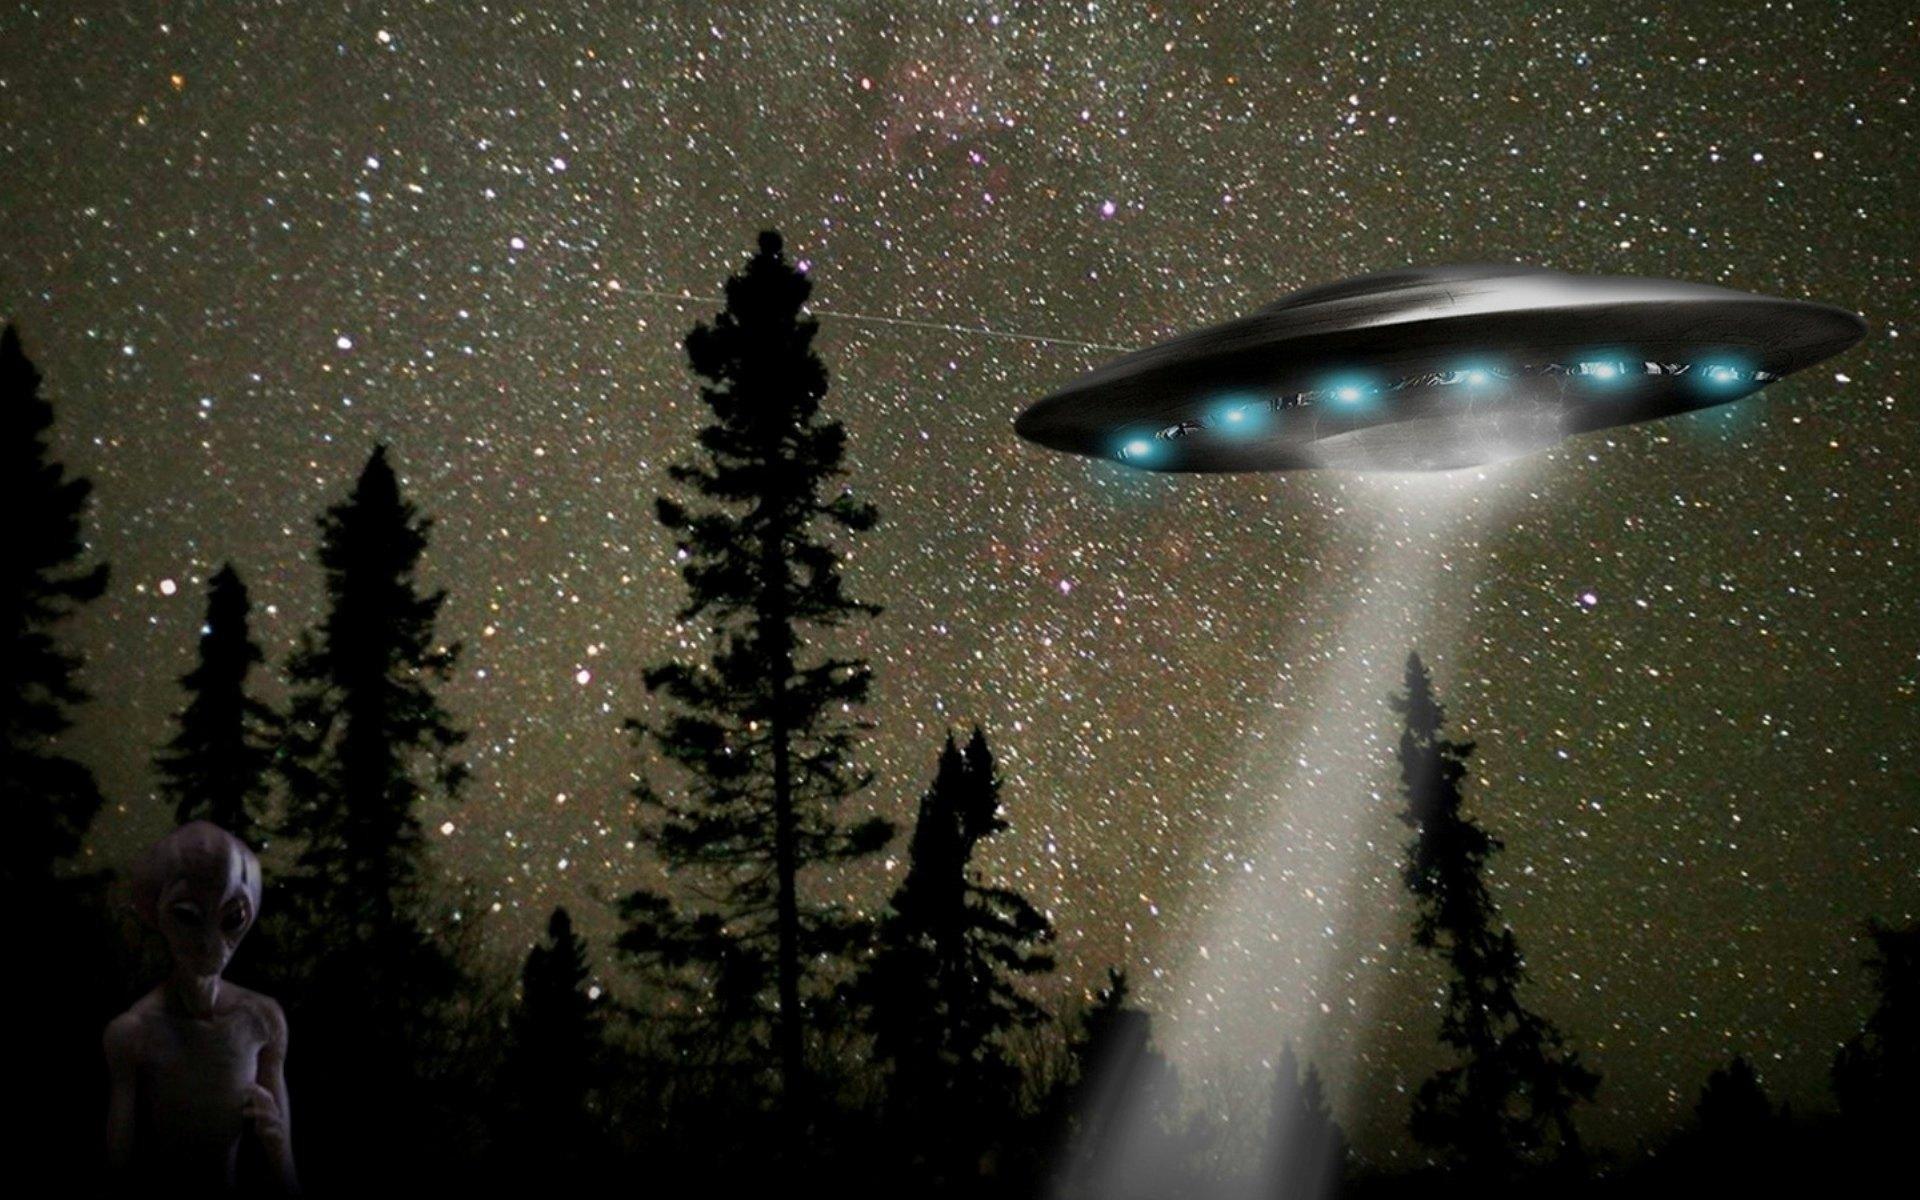 ВБелгороде зафиксировали инопланетный корабль ночью влесу